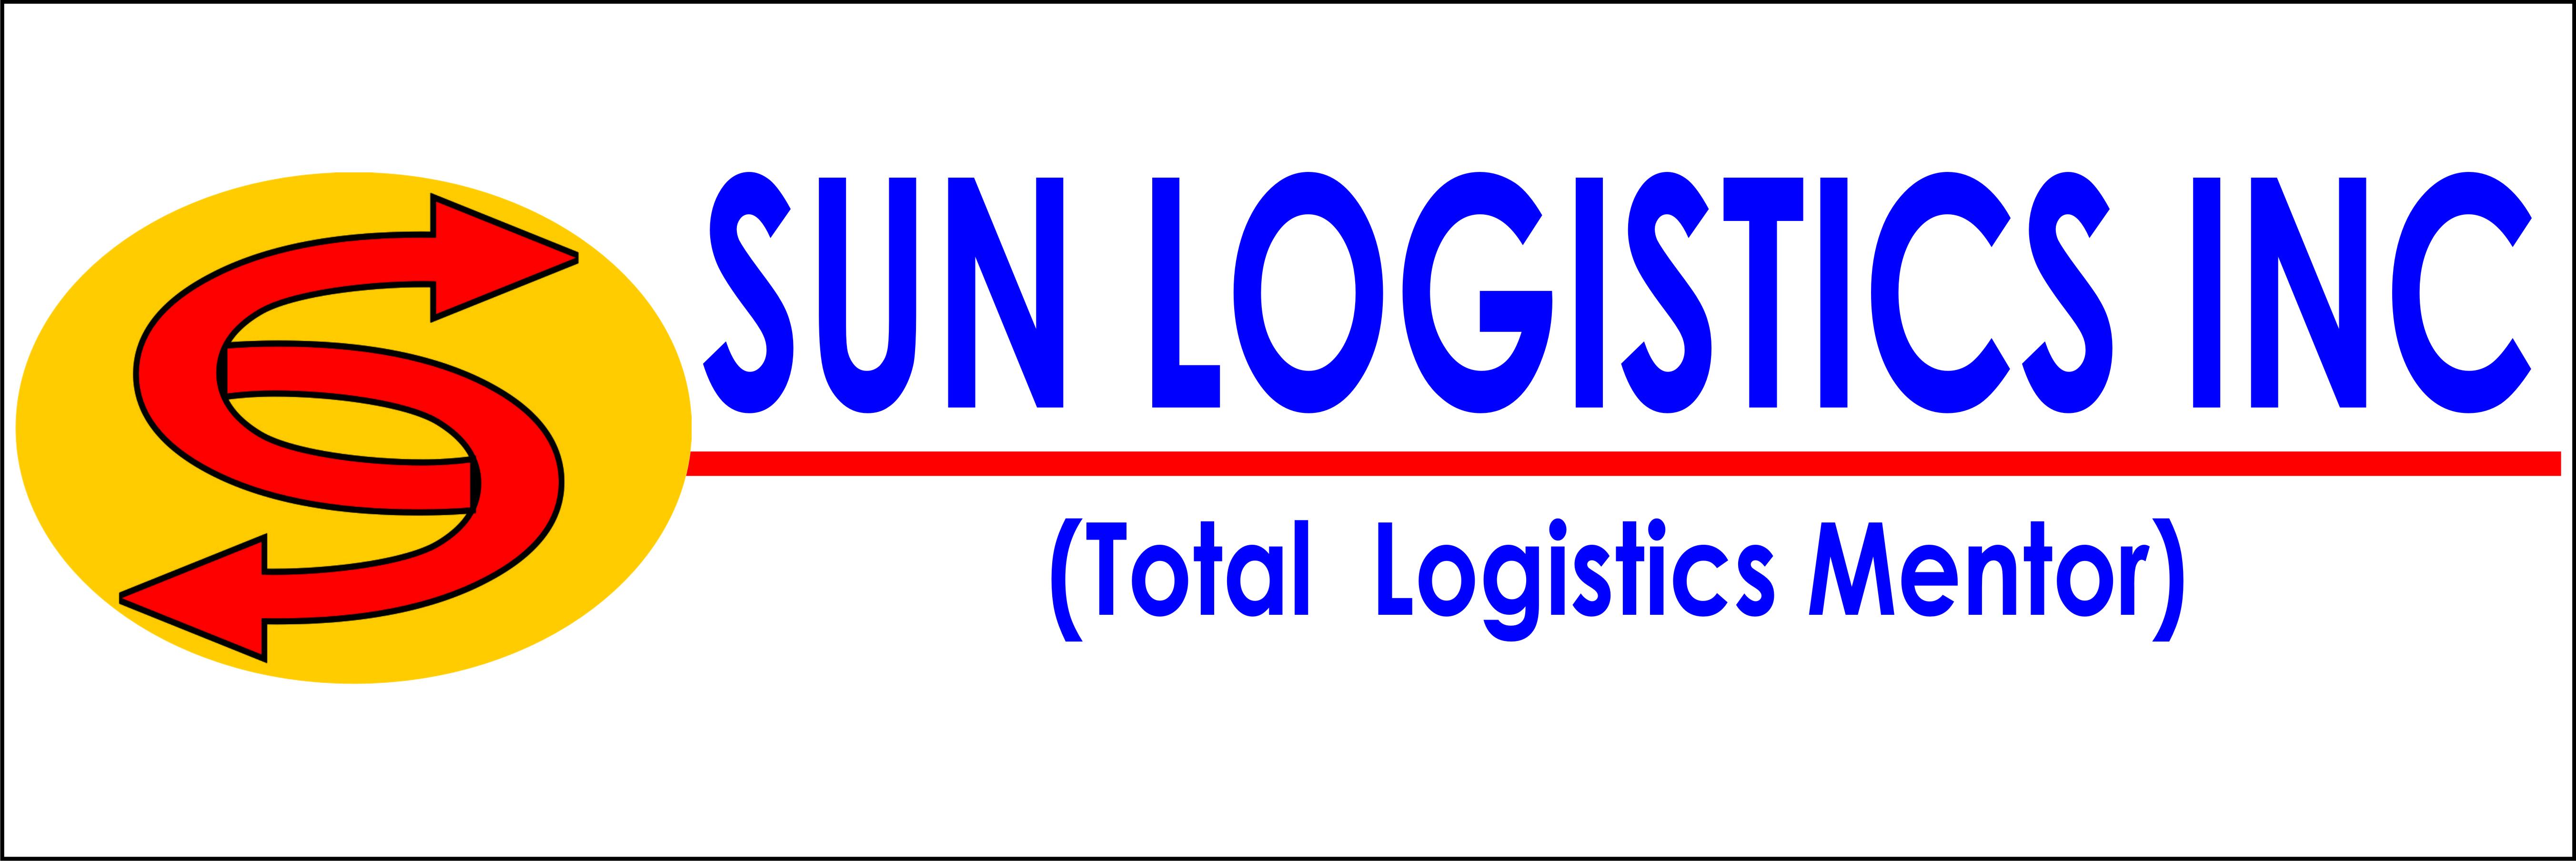 Ags Logistics Pvt Ltd member directory-gla family gla global logistics alliance